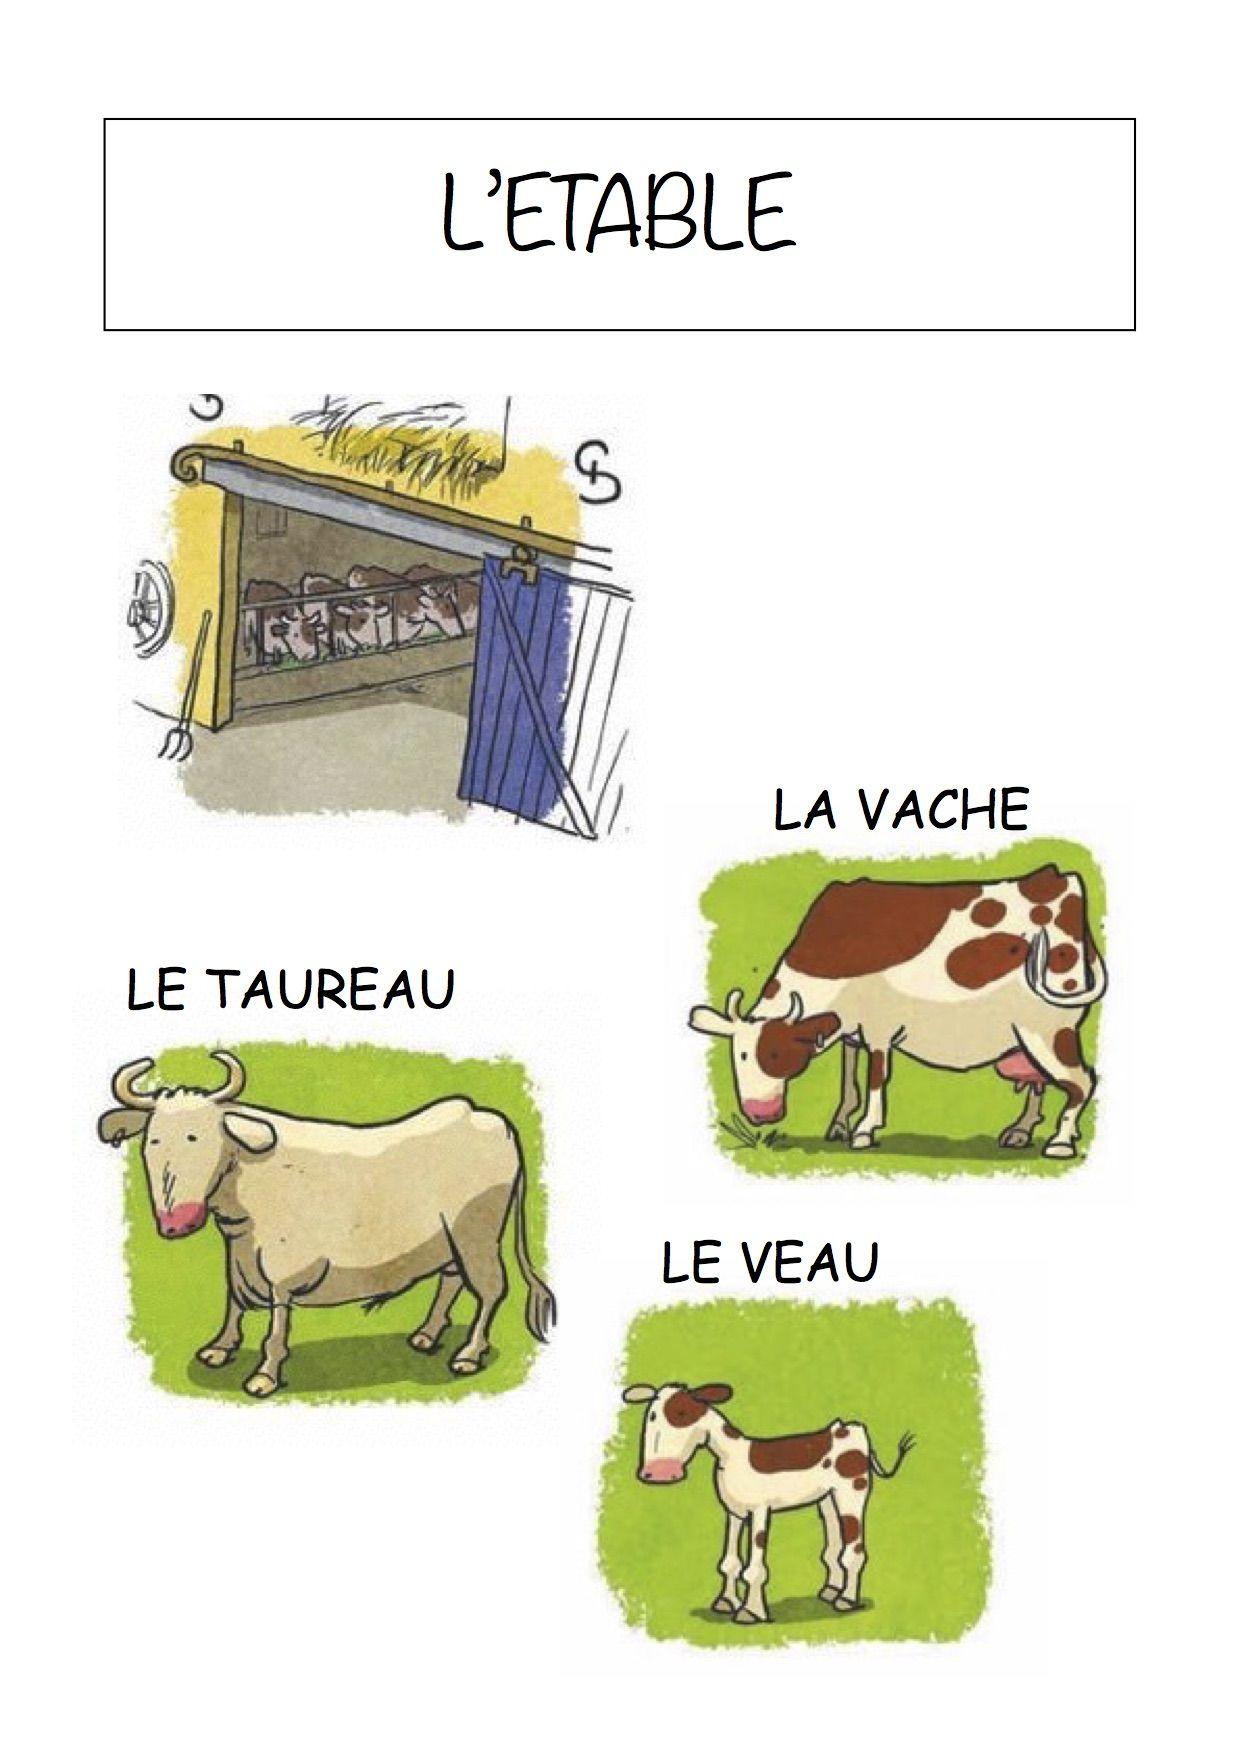 Vocabulaire De La Ferme Imagier Simple Pour La Maternelle serapportantà Bruit Des Animaux De La Ferme